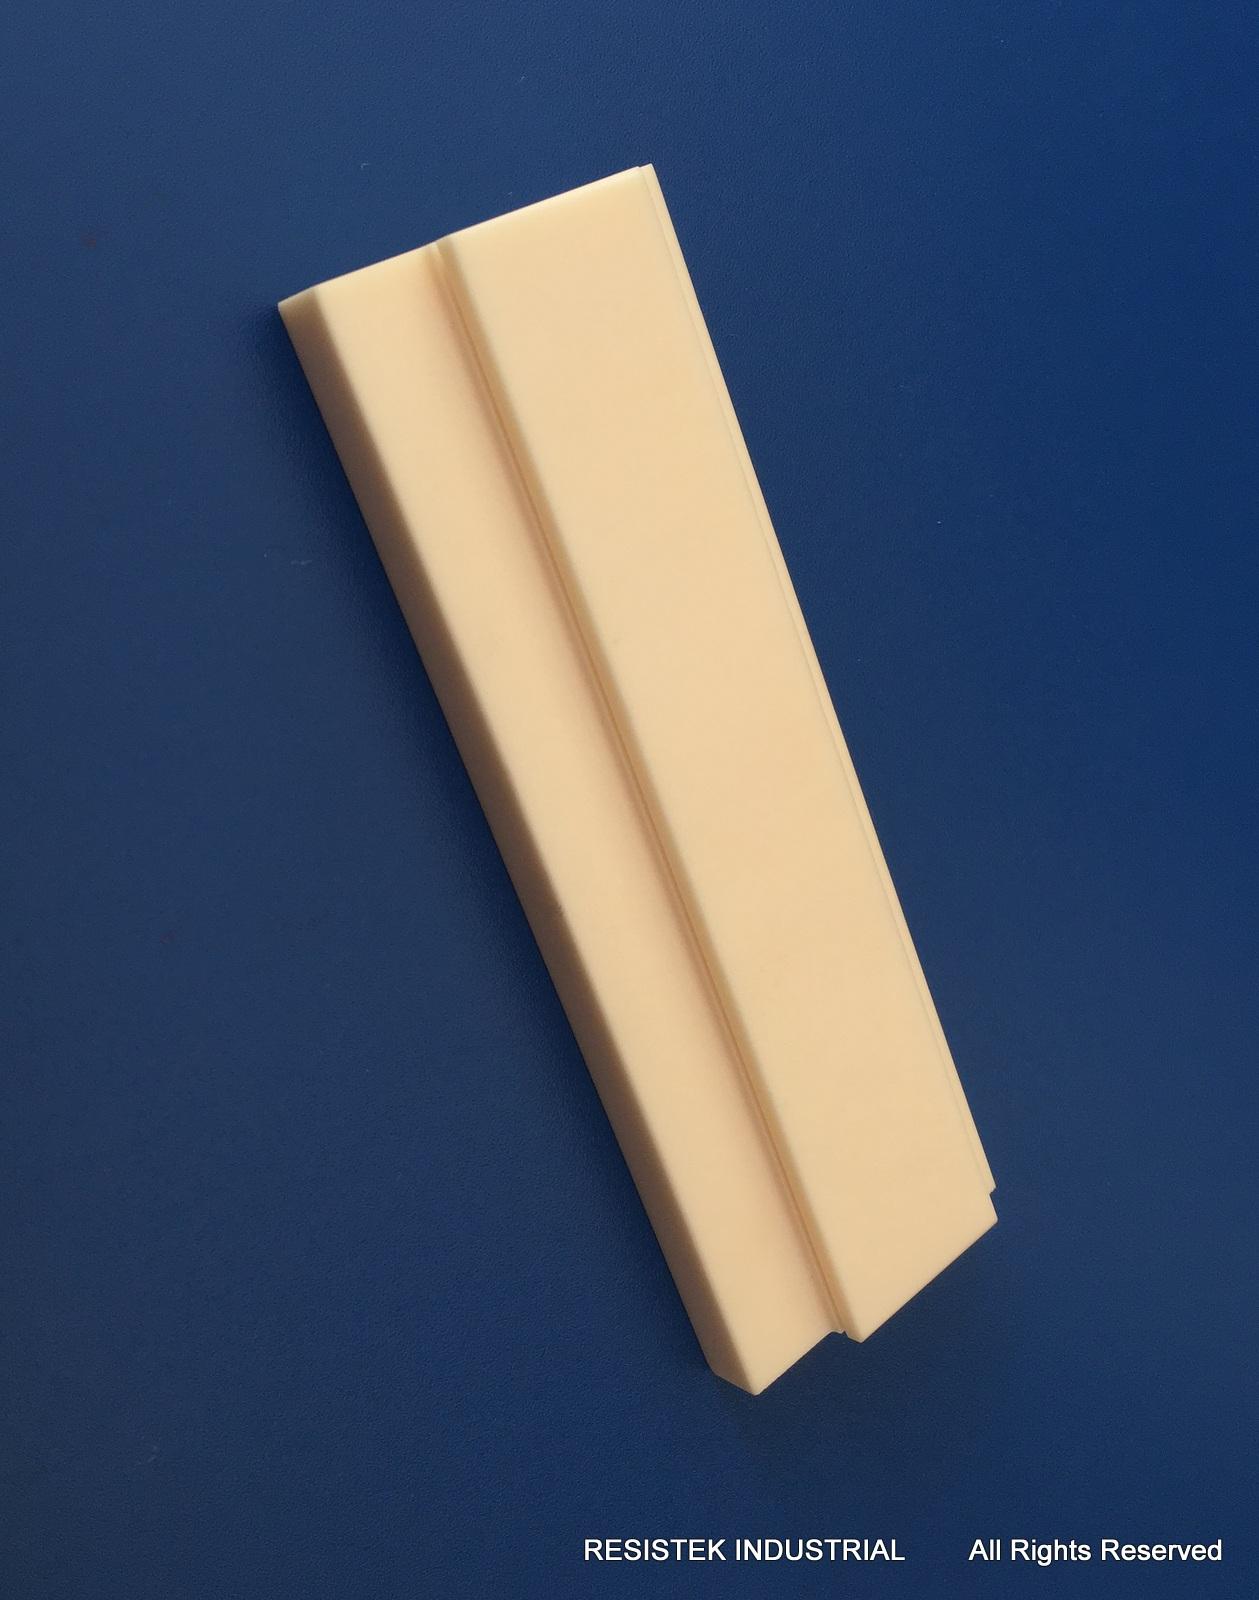 99.8% Alumina Ceramic Segment